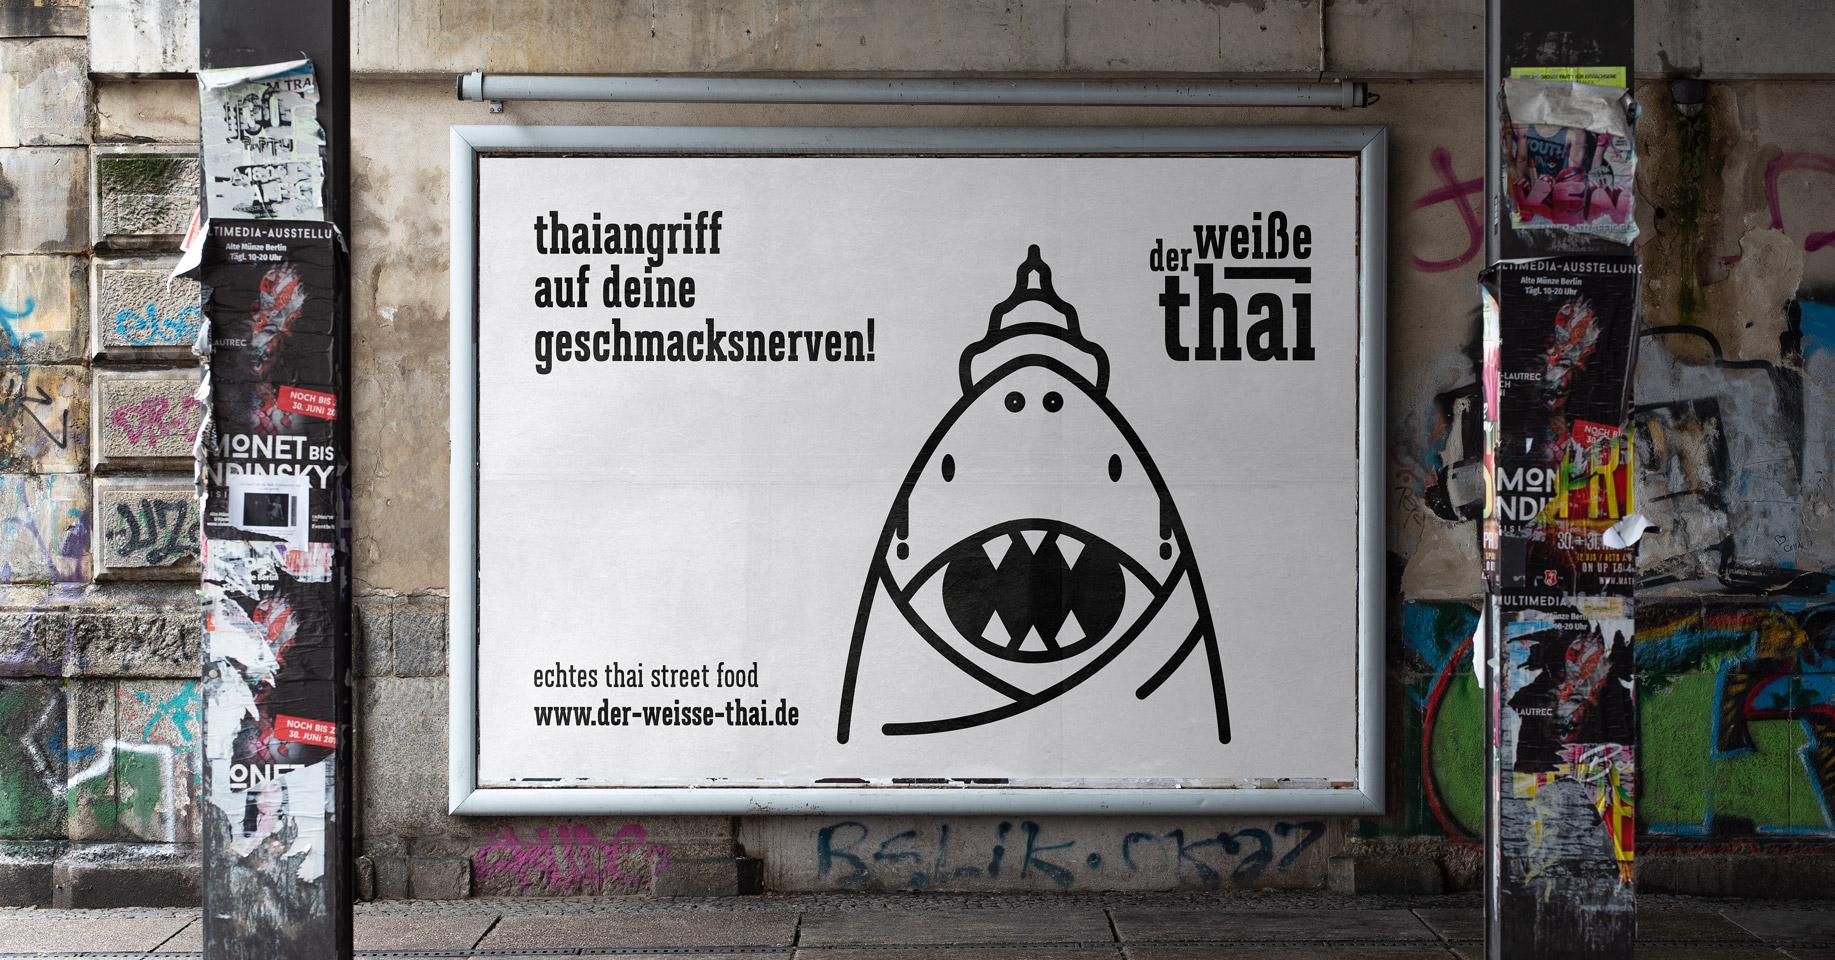 teamElgato News – Der weiße Thai